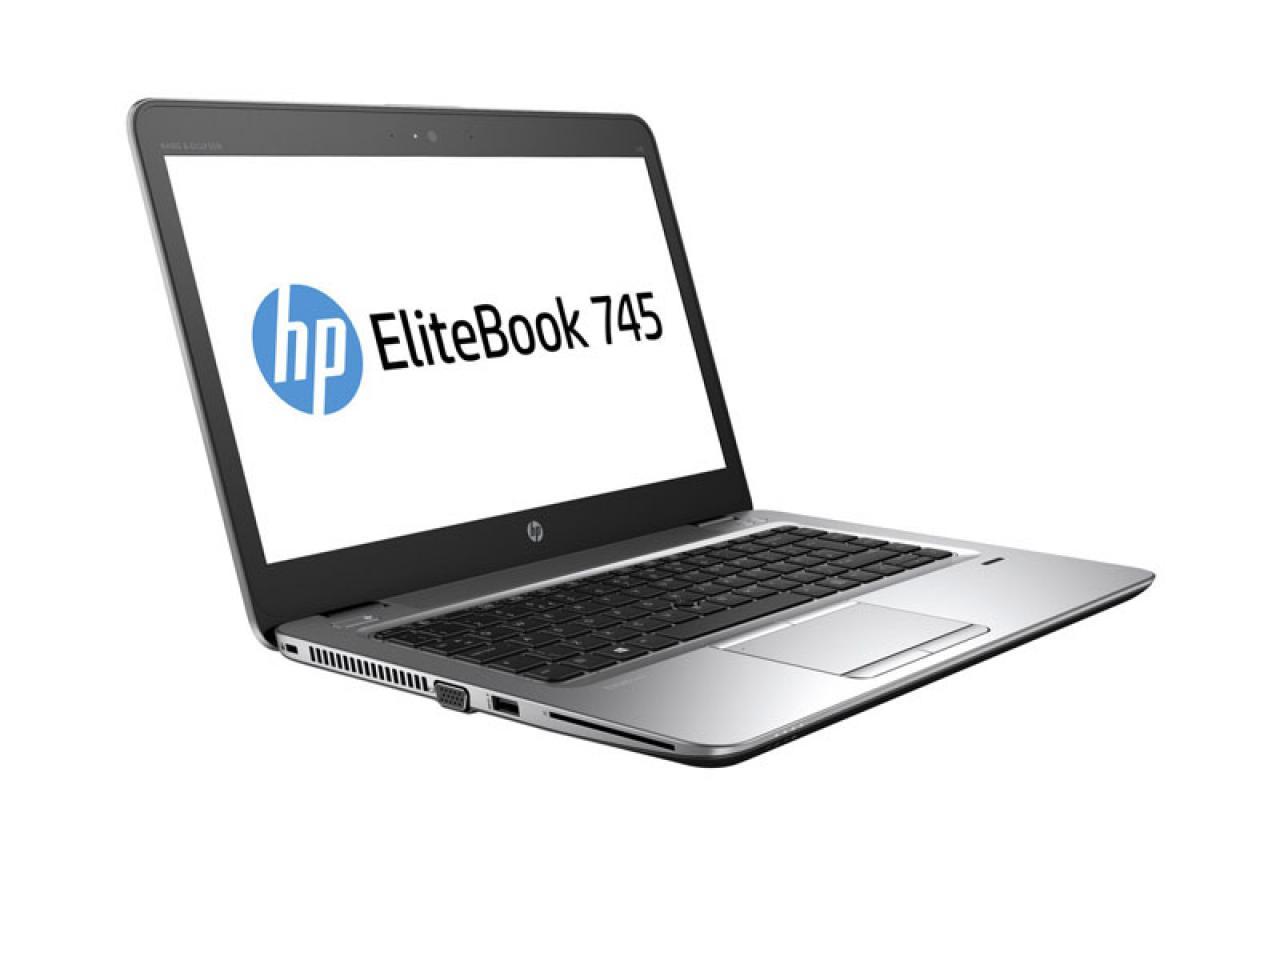 Hewlett Packard EliteBook 745 G4  - shop.bb-net.de